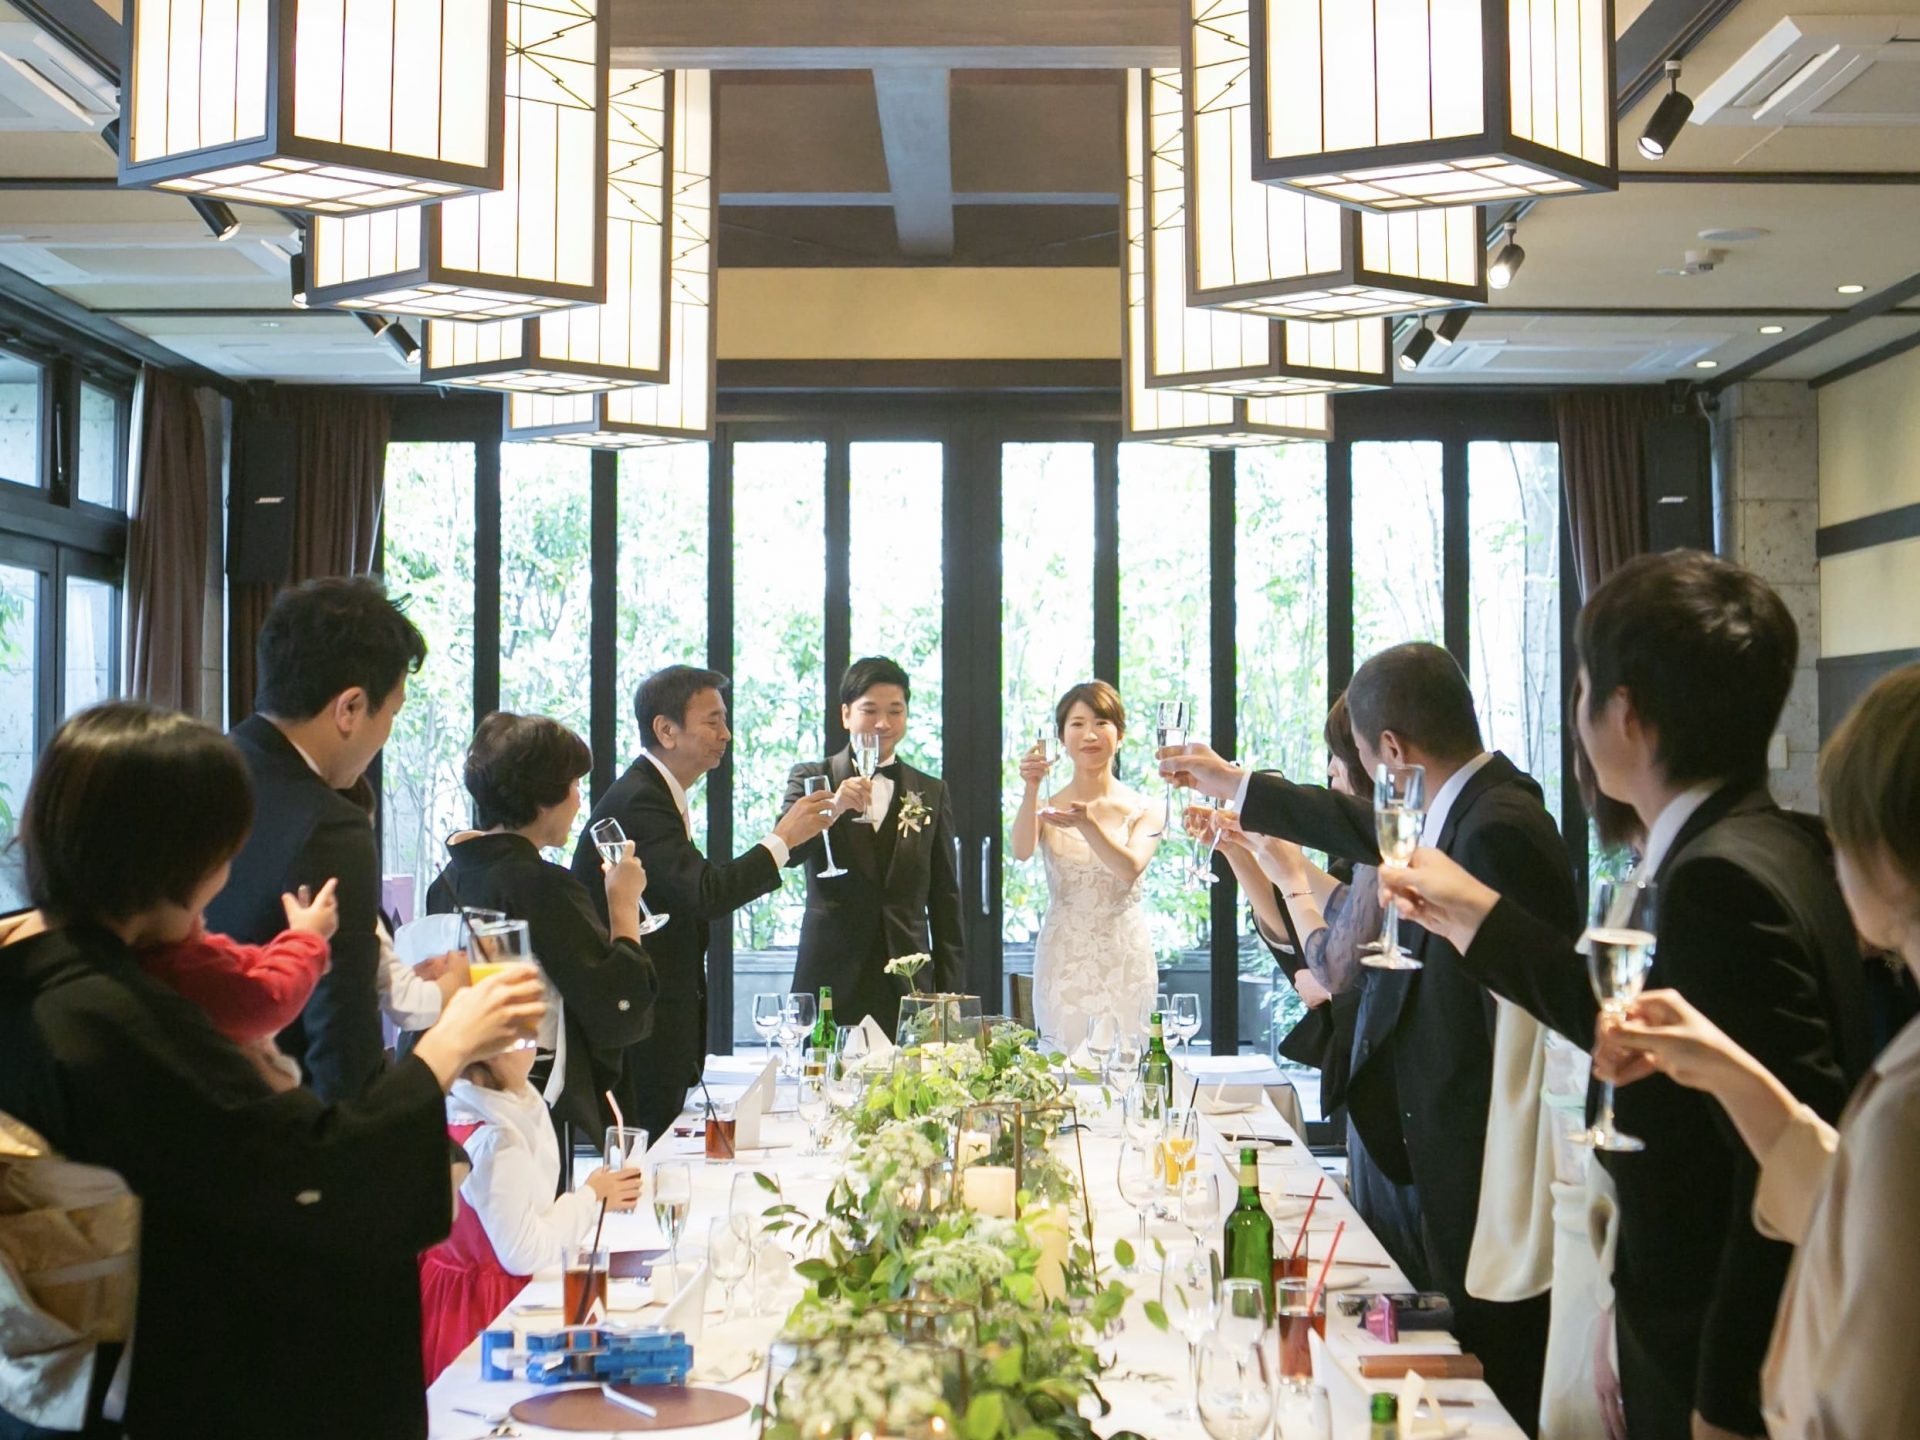 THE TREAT DRESSING名古屋店で人気の家族式や少人数のお式におすすめの柔らかなチュールとレースが美しいモニークルイリエのウエディングドレス